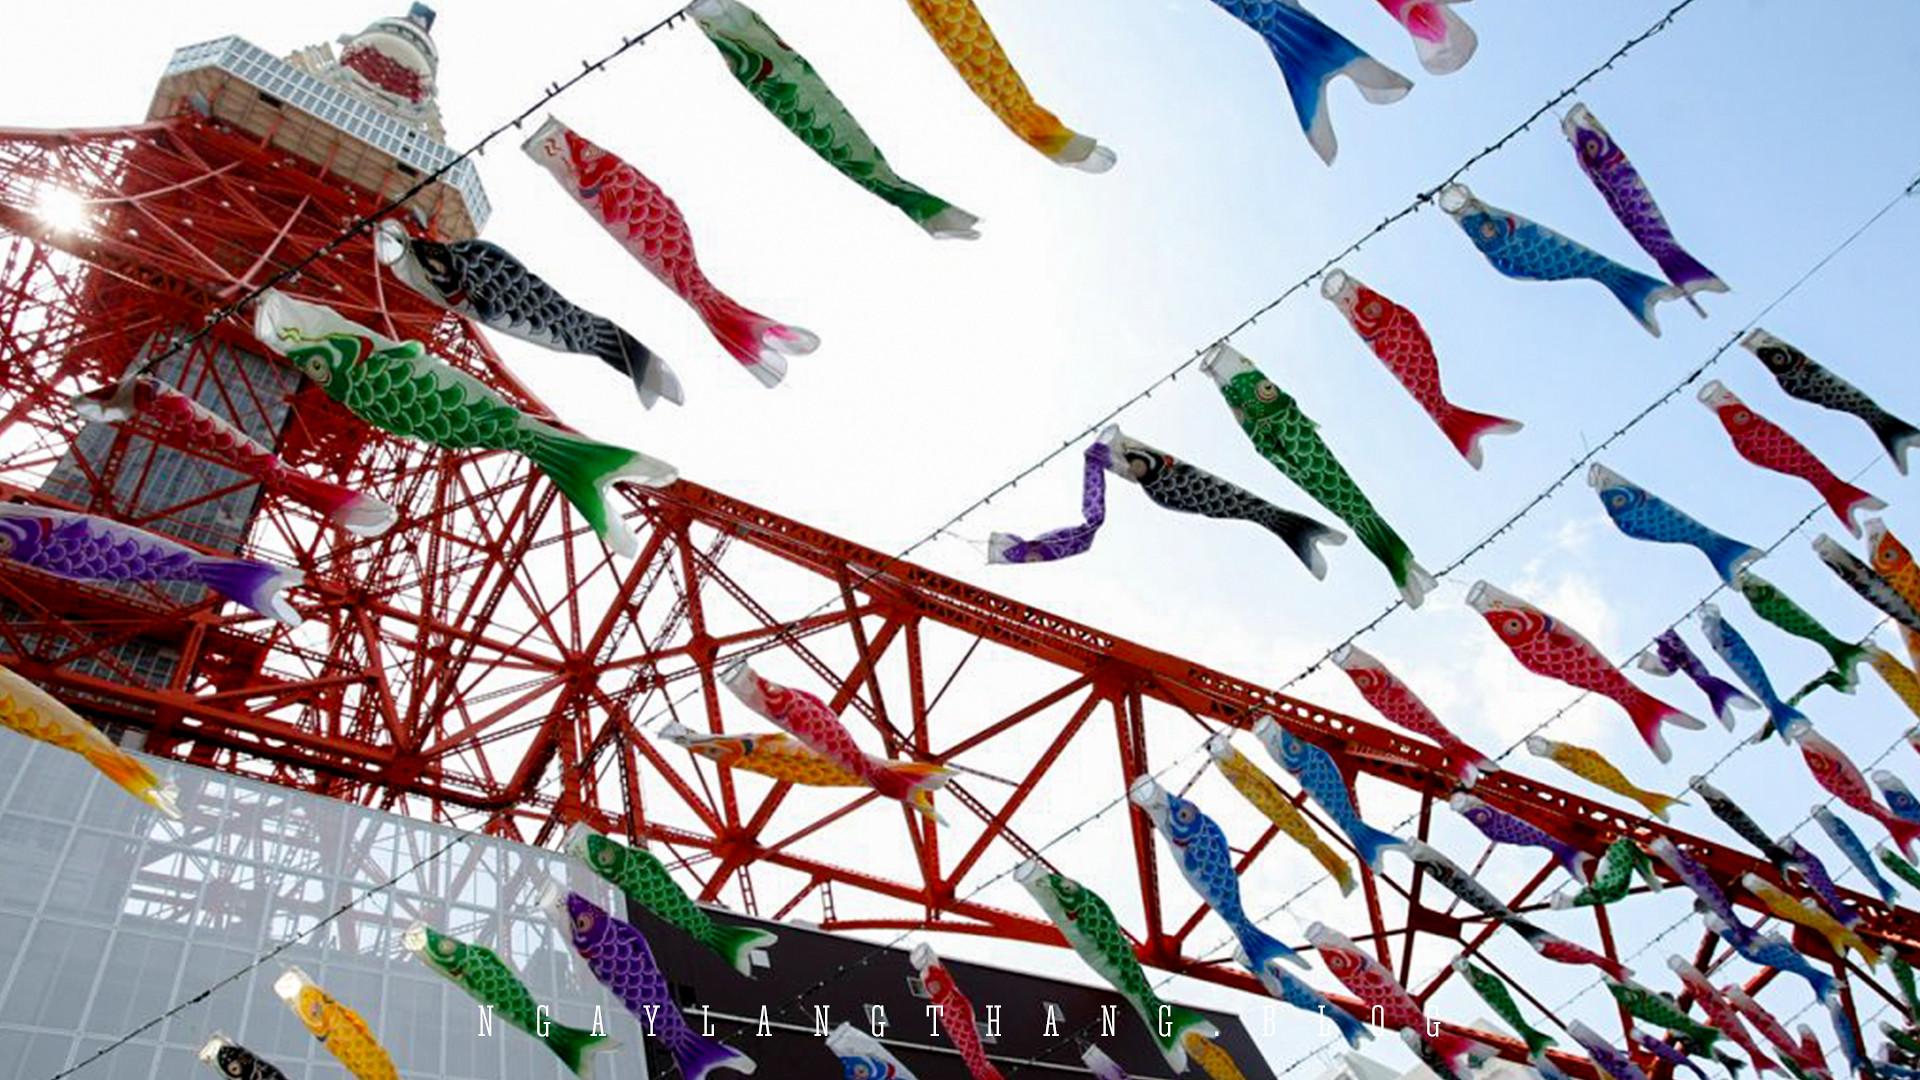 6 sự kiện, lễ hội lớn nhất Nhật Bản - tuan le vang